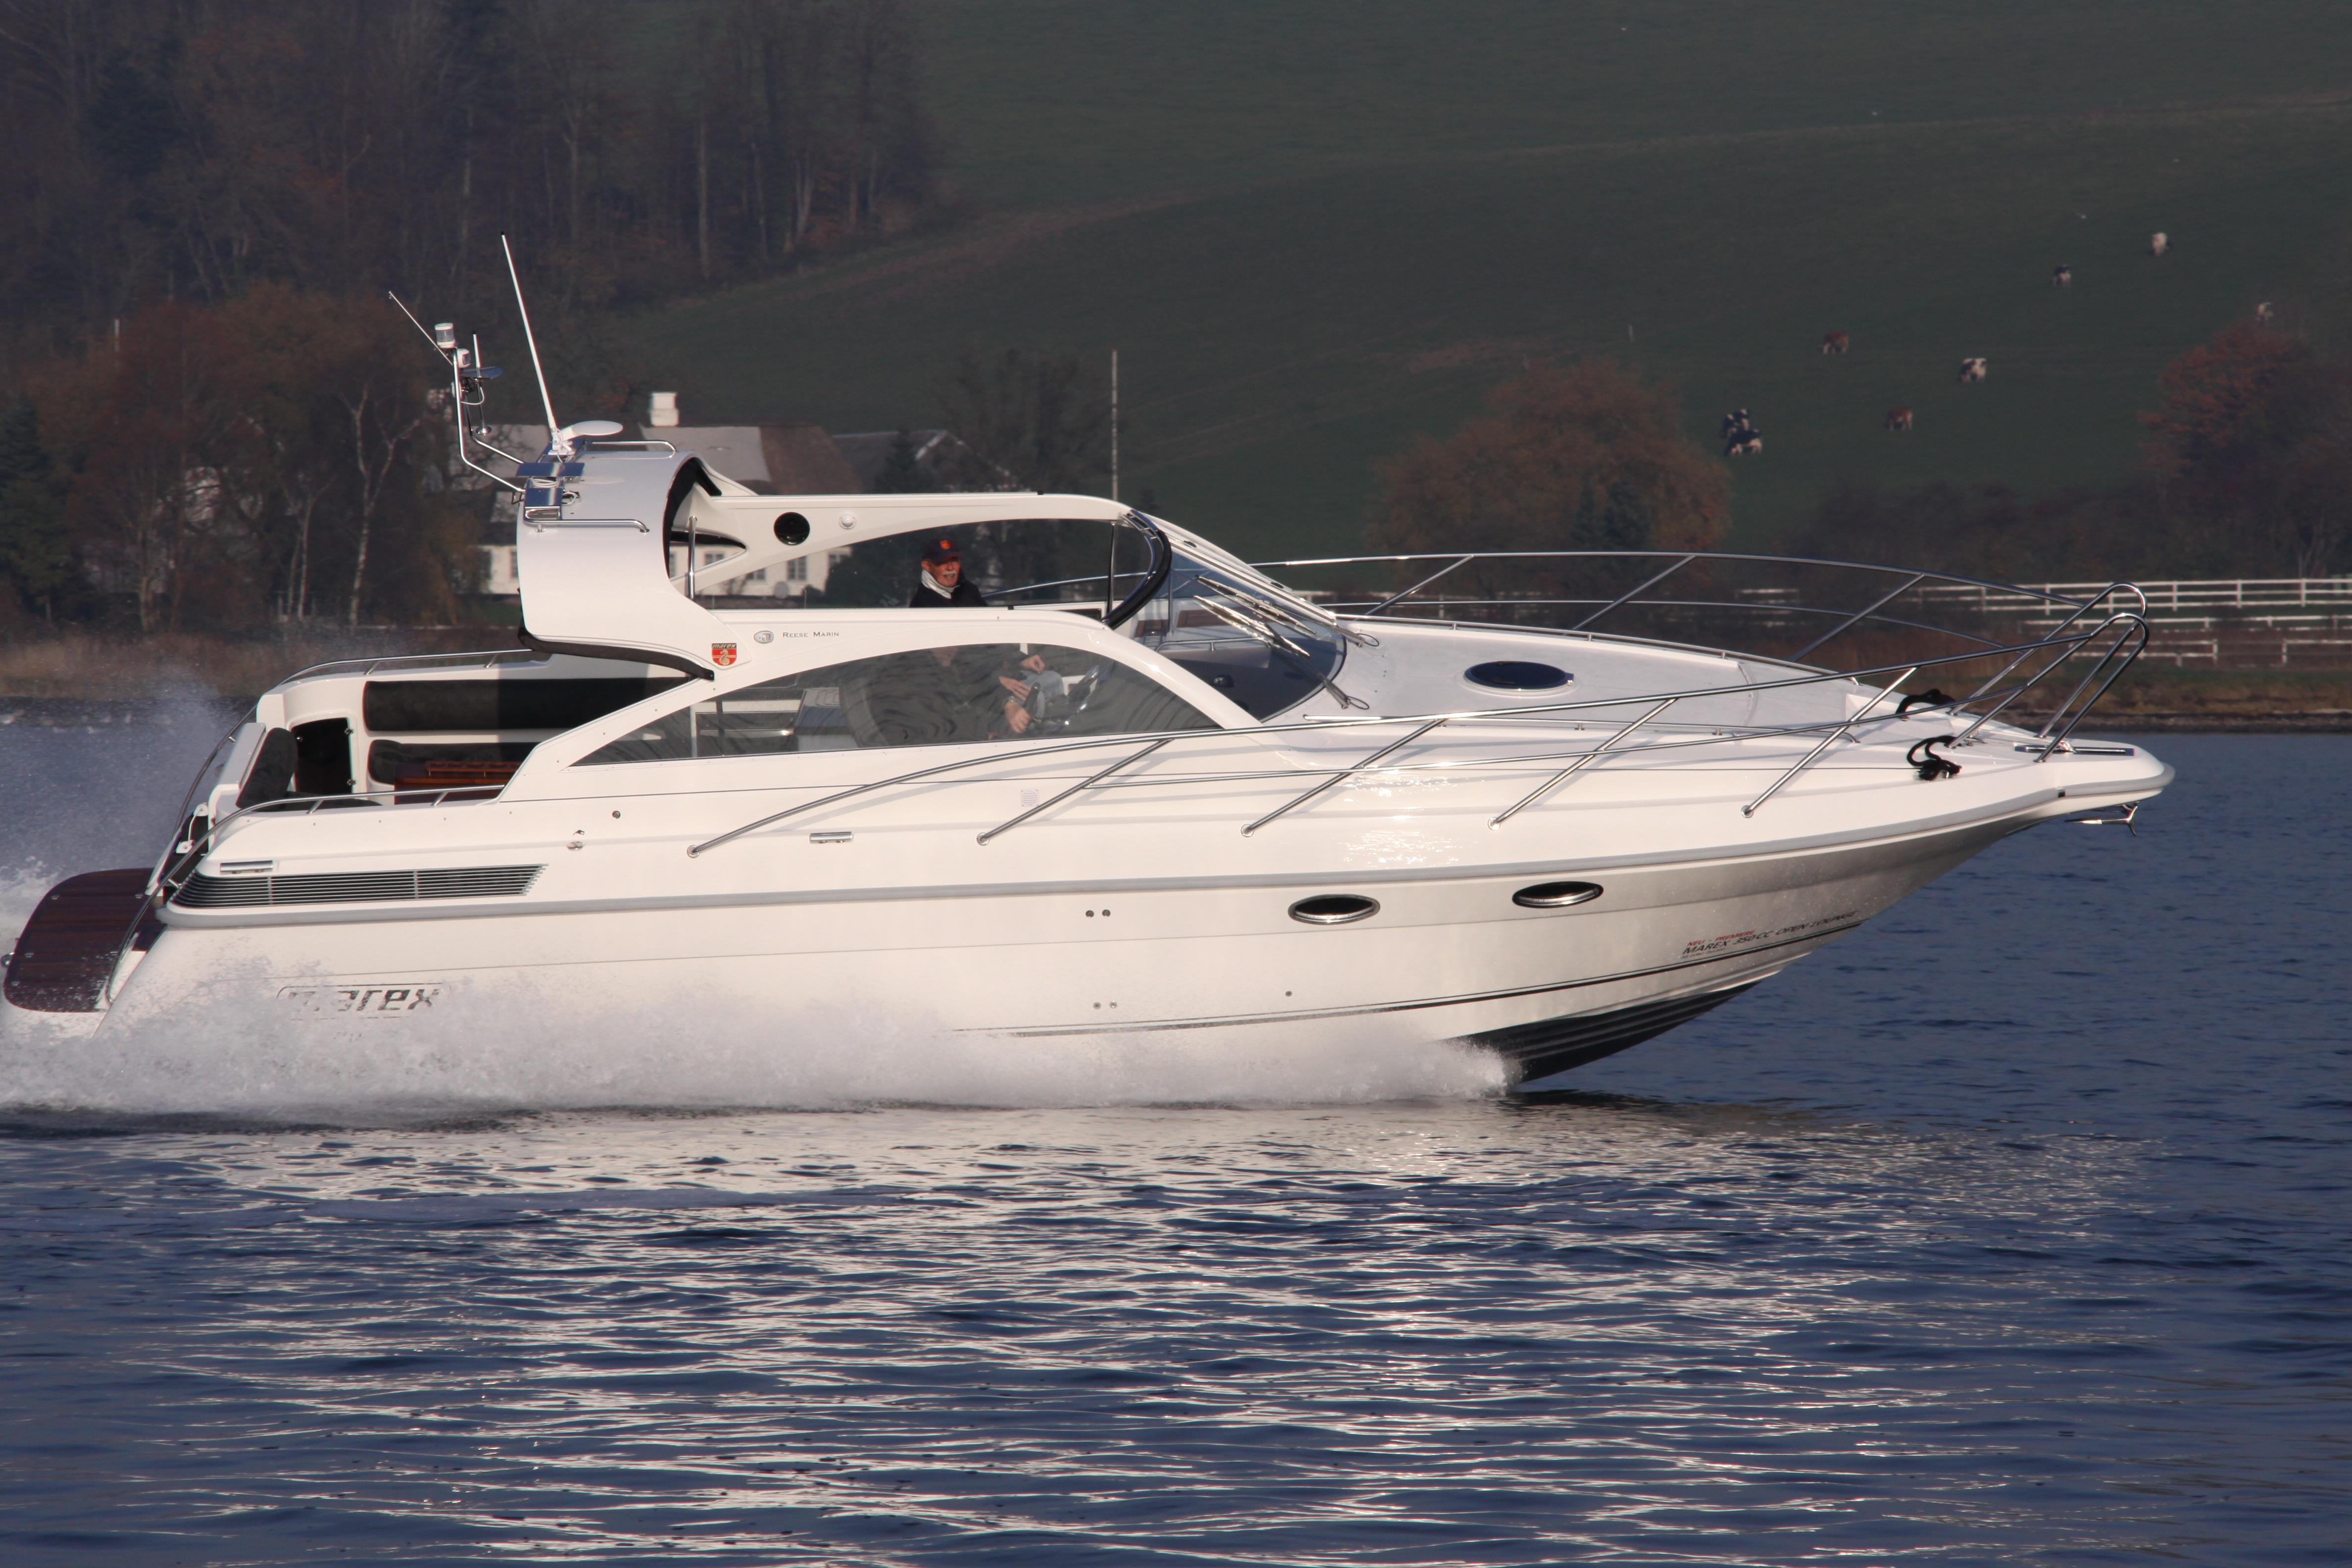 Den nye 2012 udgave Marex 350 CC OPEN Lounge  med 38 Knobs fart under testsejlads. Besøgende kan teste den i Neustadt eller til daglig på Flensborg fjord efter aftale.